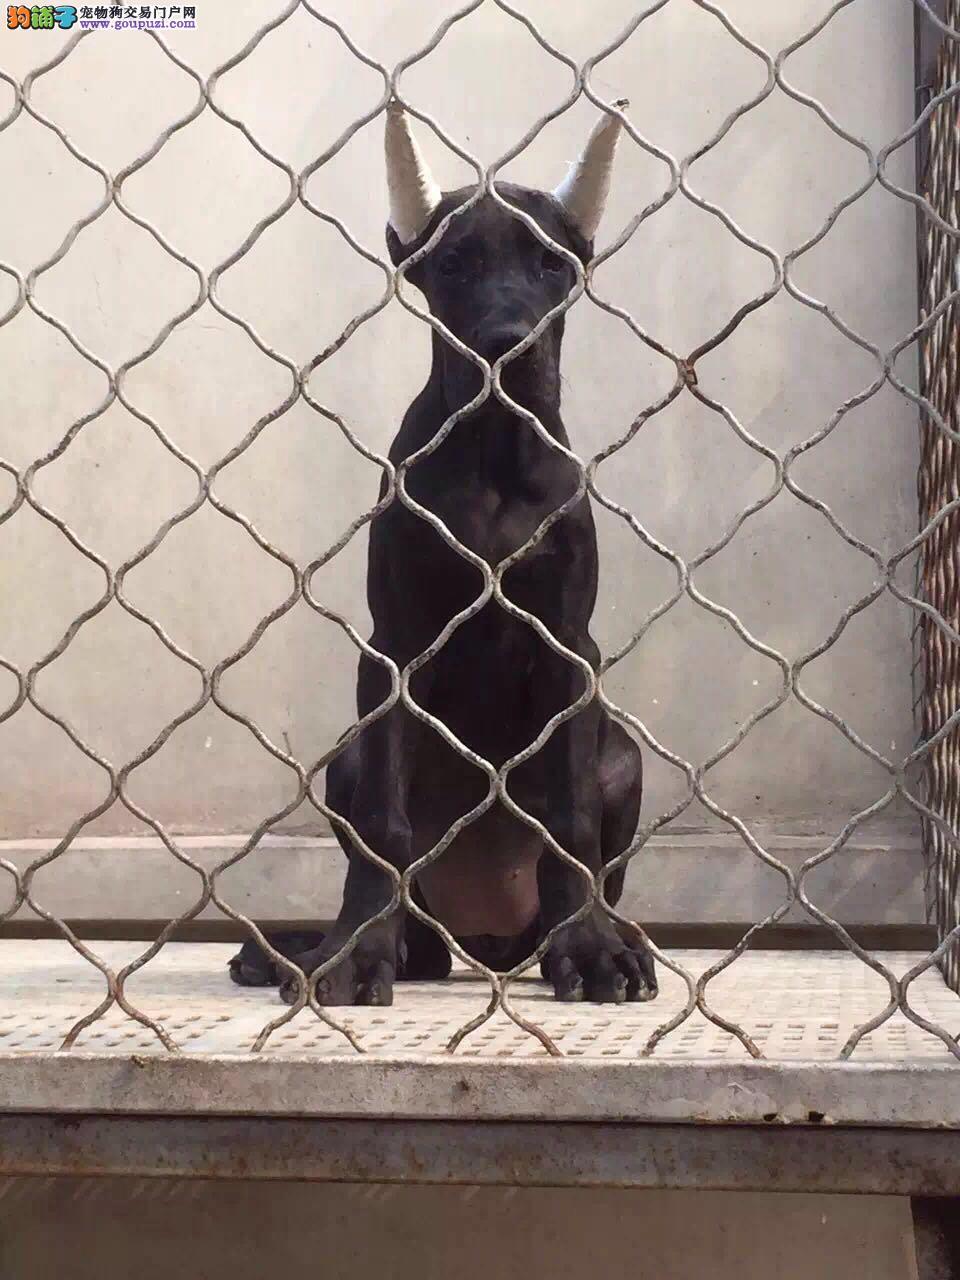 吐鲁番市出售大丹犬幼犬 纯种健康 可上门选购 签协议